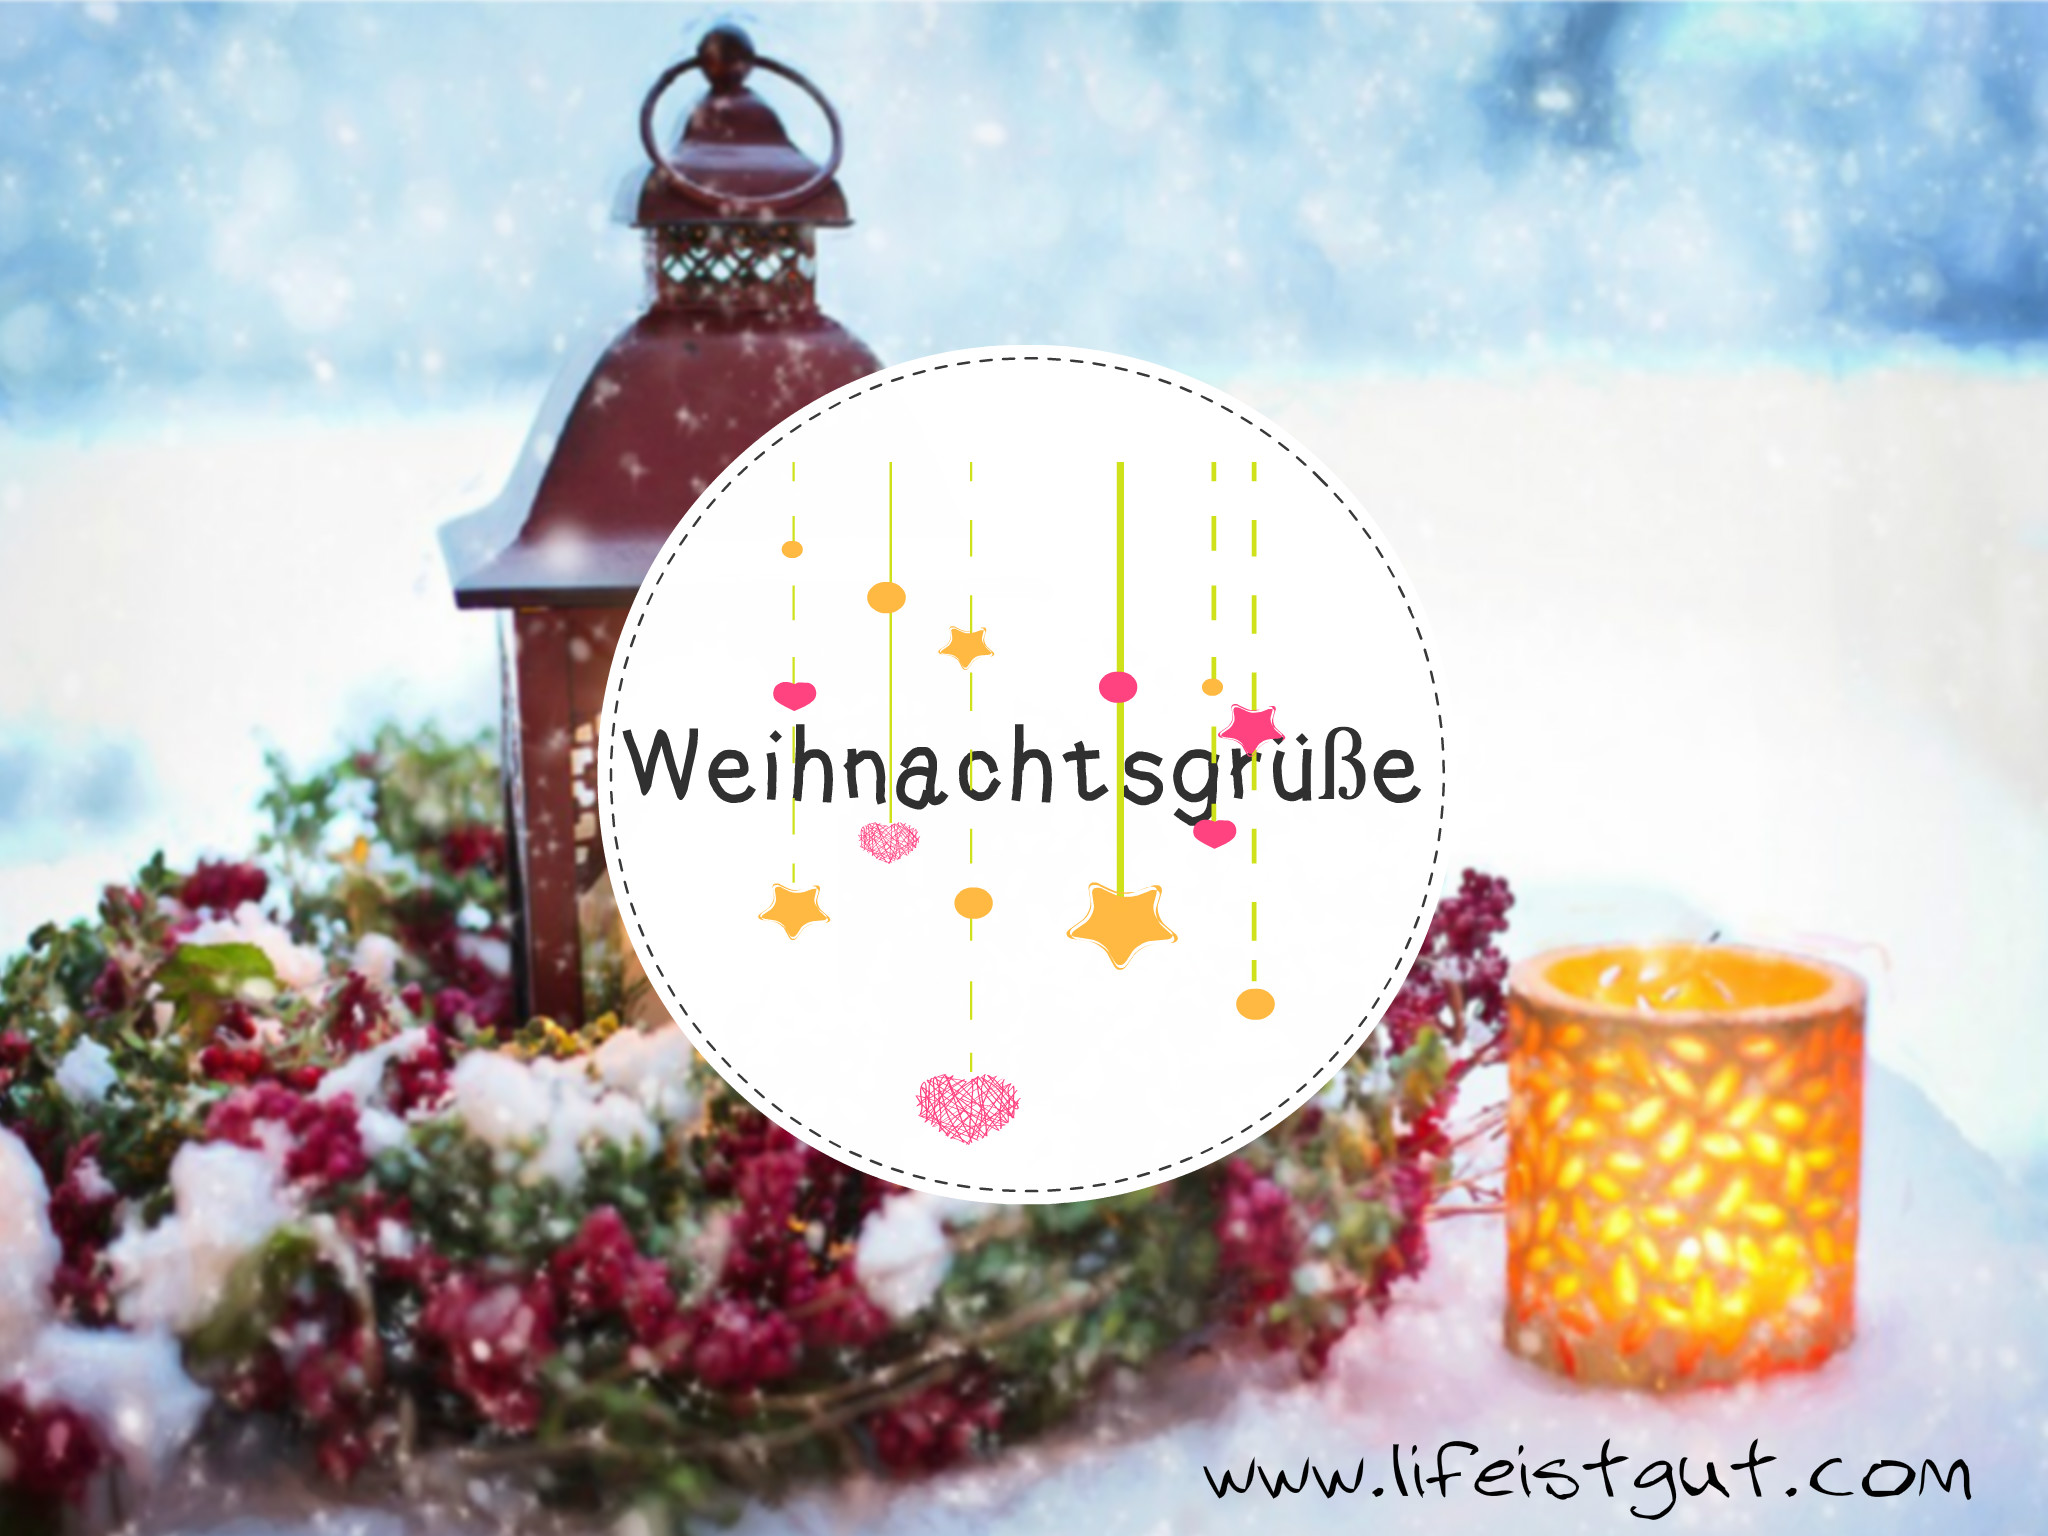 Красивое поздравление на немецком с рождеством